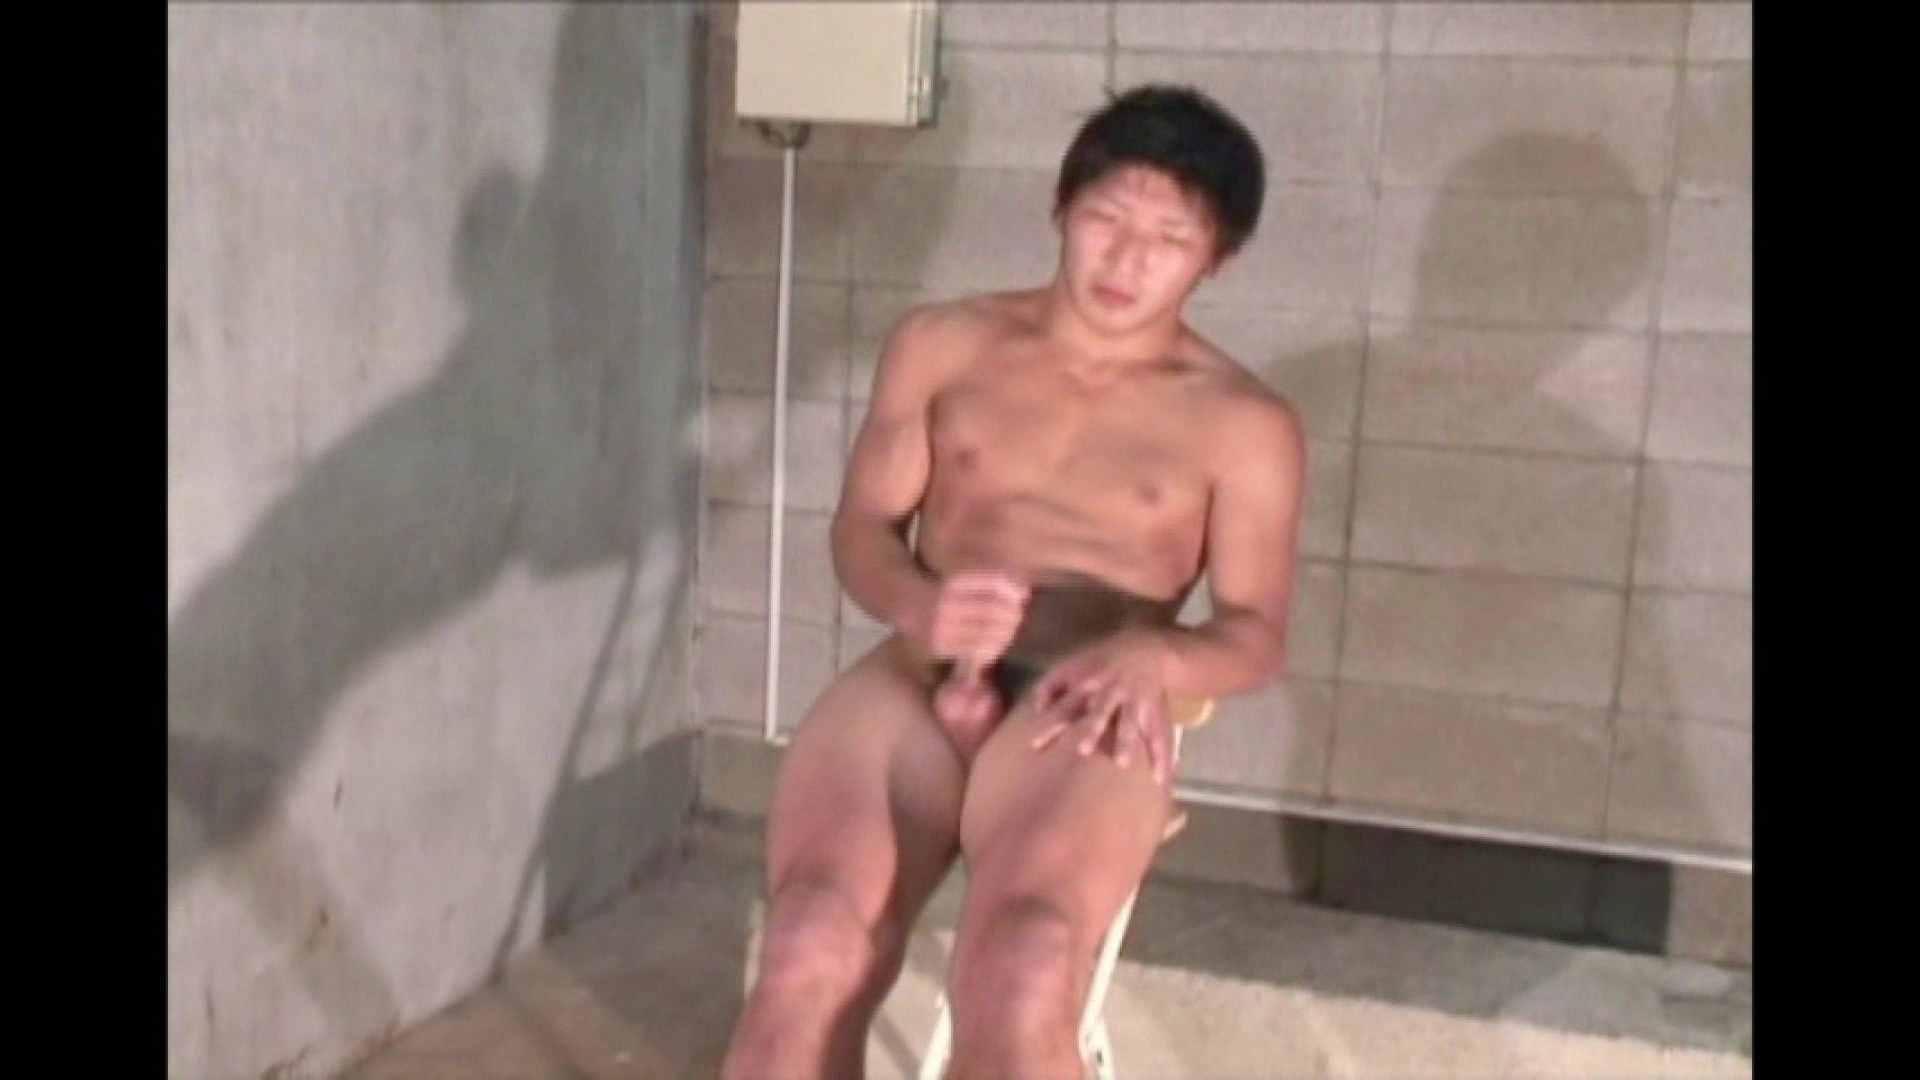 ヤリヤリ野郎共倶楽部vol.30 エロ | 男天国  86pic 23